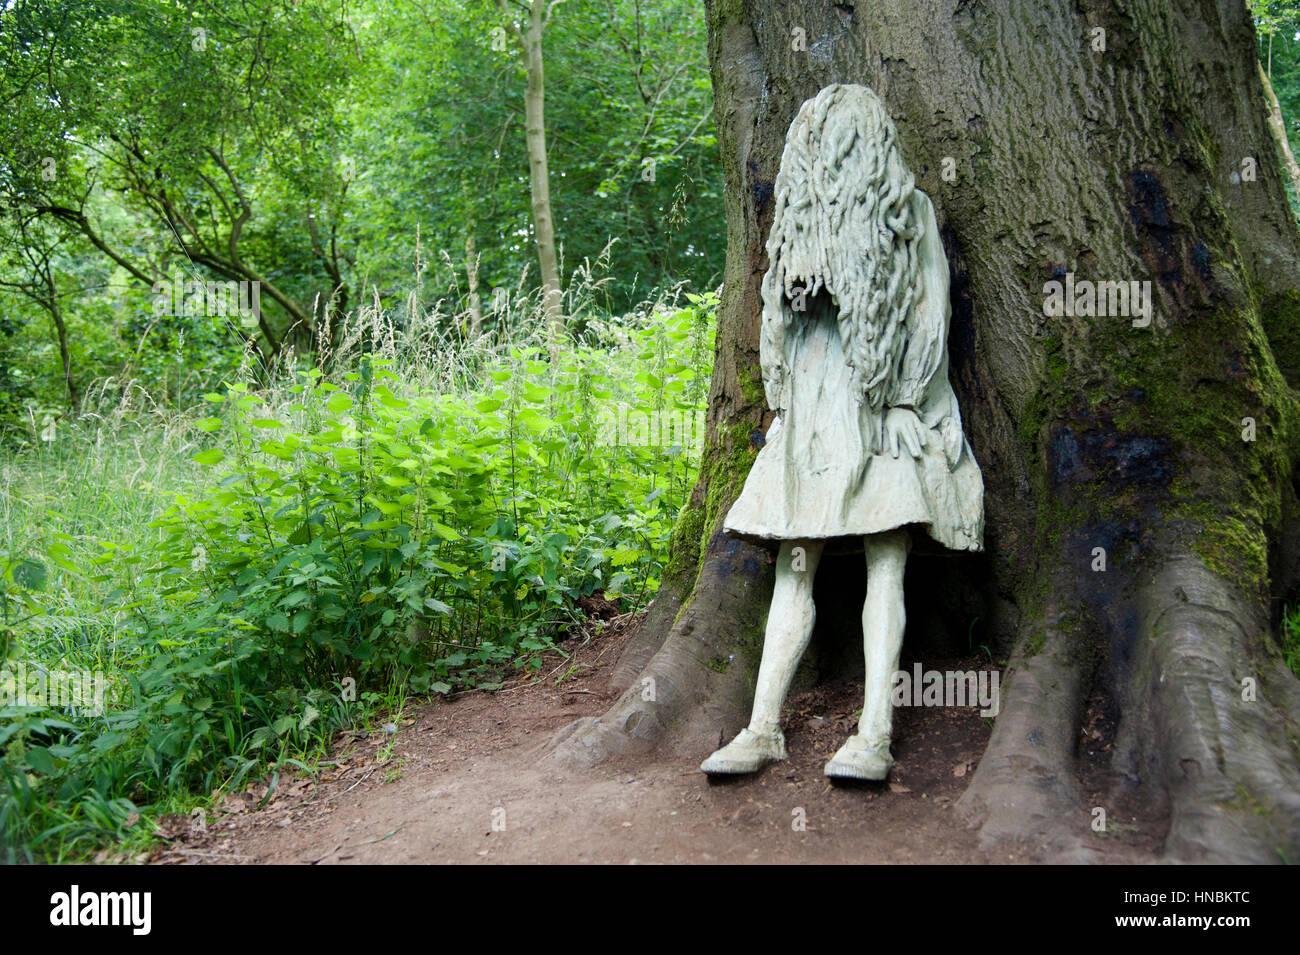 Statue de fille en pleurs à Jupiter Artland, Édimbourg. Photo Stock